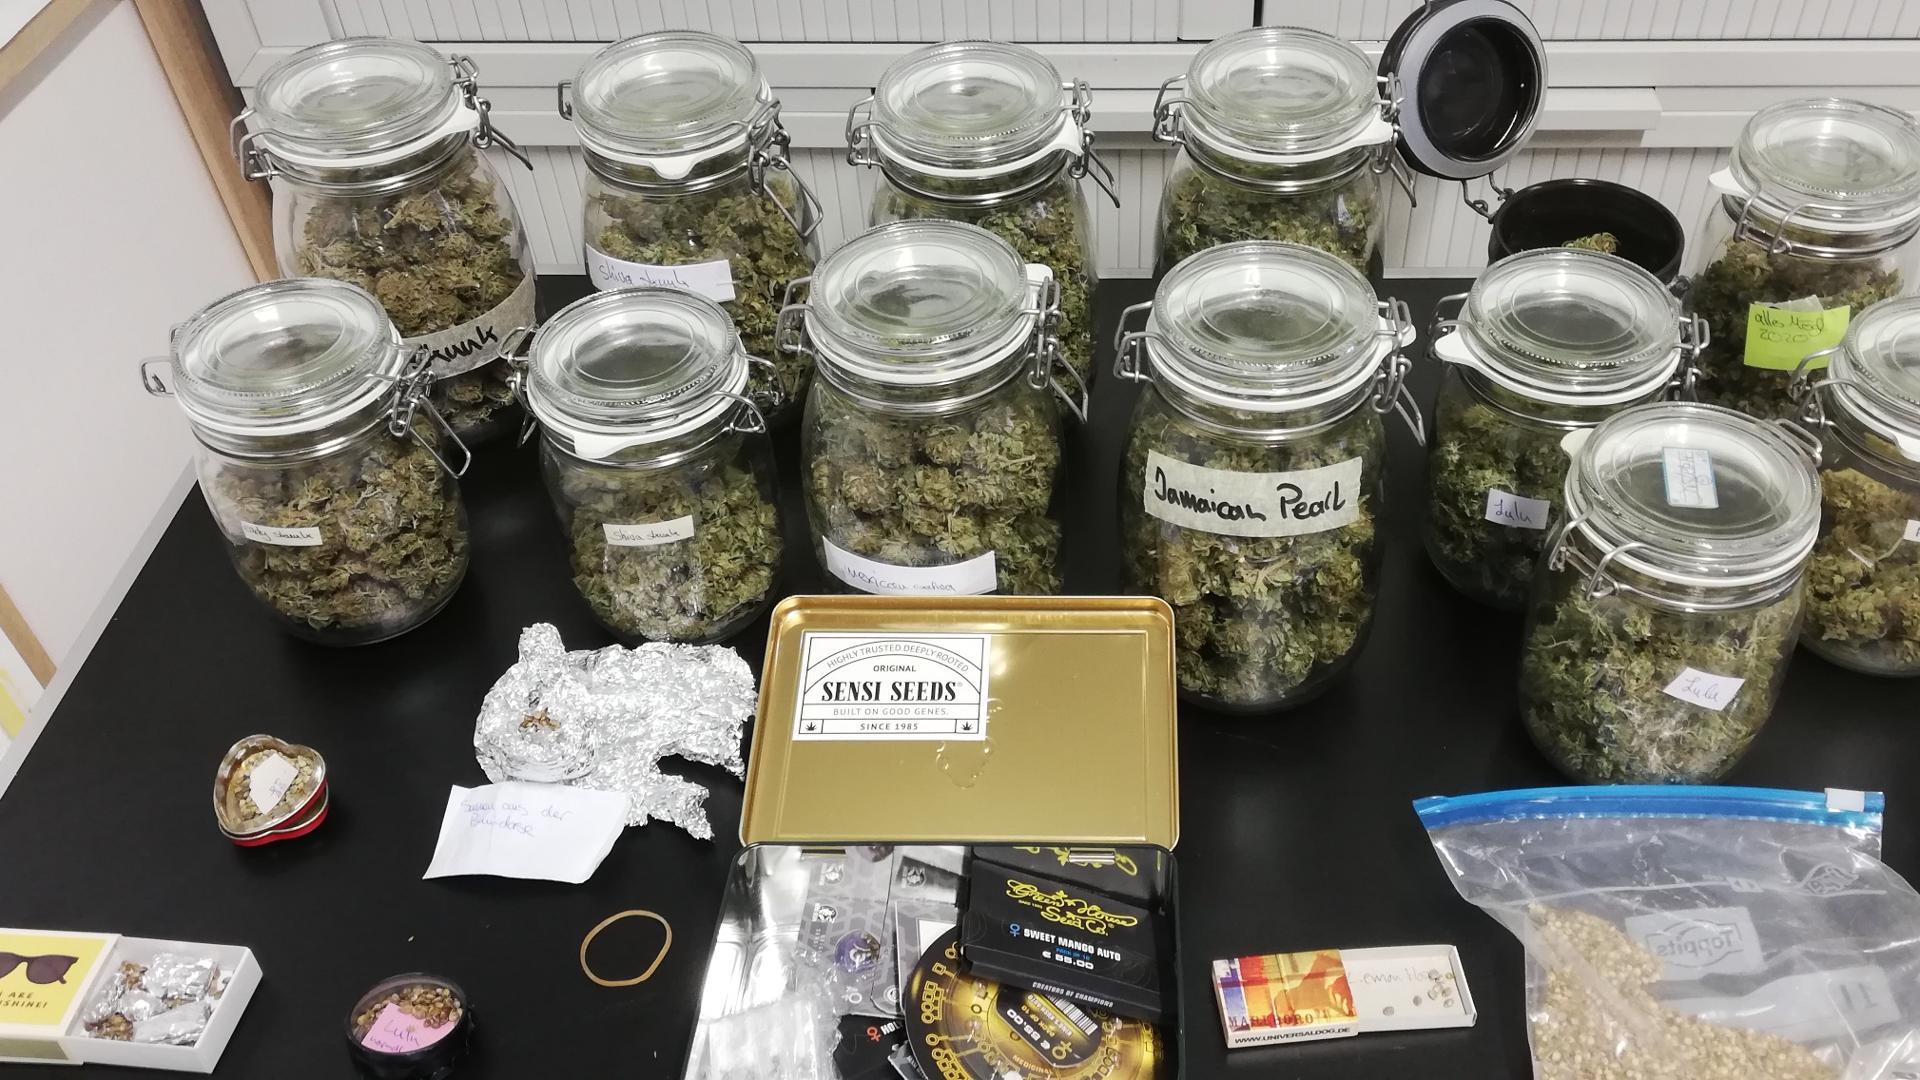 In Einmachgläsern verpackt: Bei einer Razzia bei einem Paar in Neuried-Altenheim fand die Polizei rund ein halbes Kilogramm Cannabisblüten.